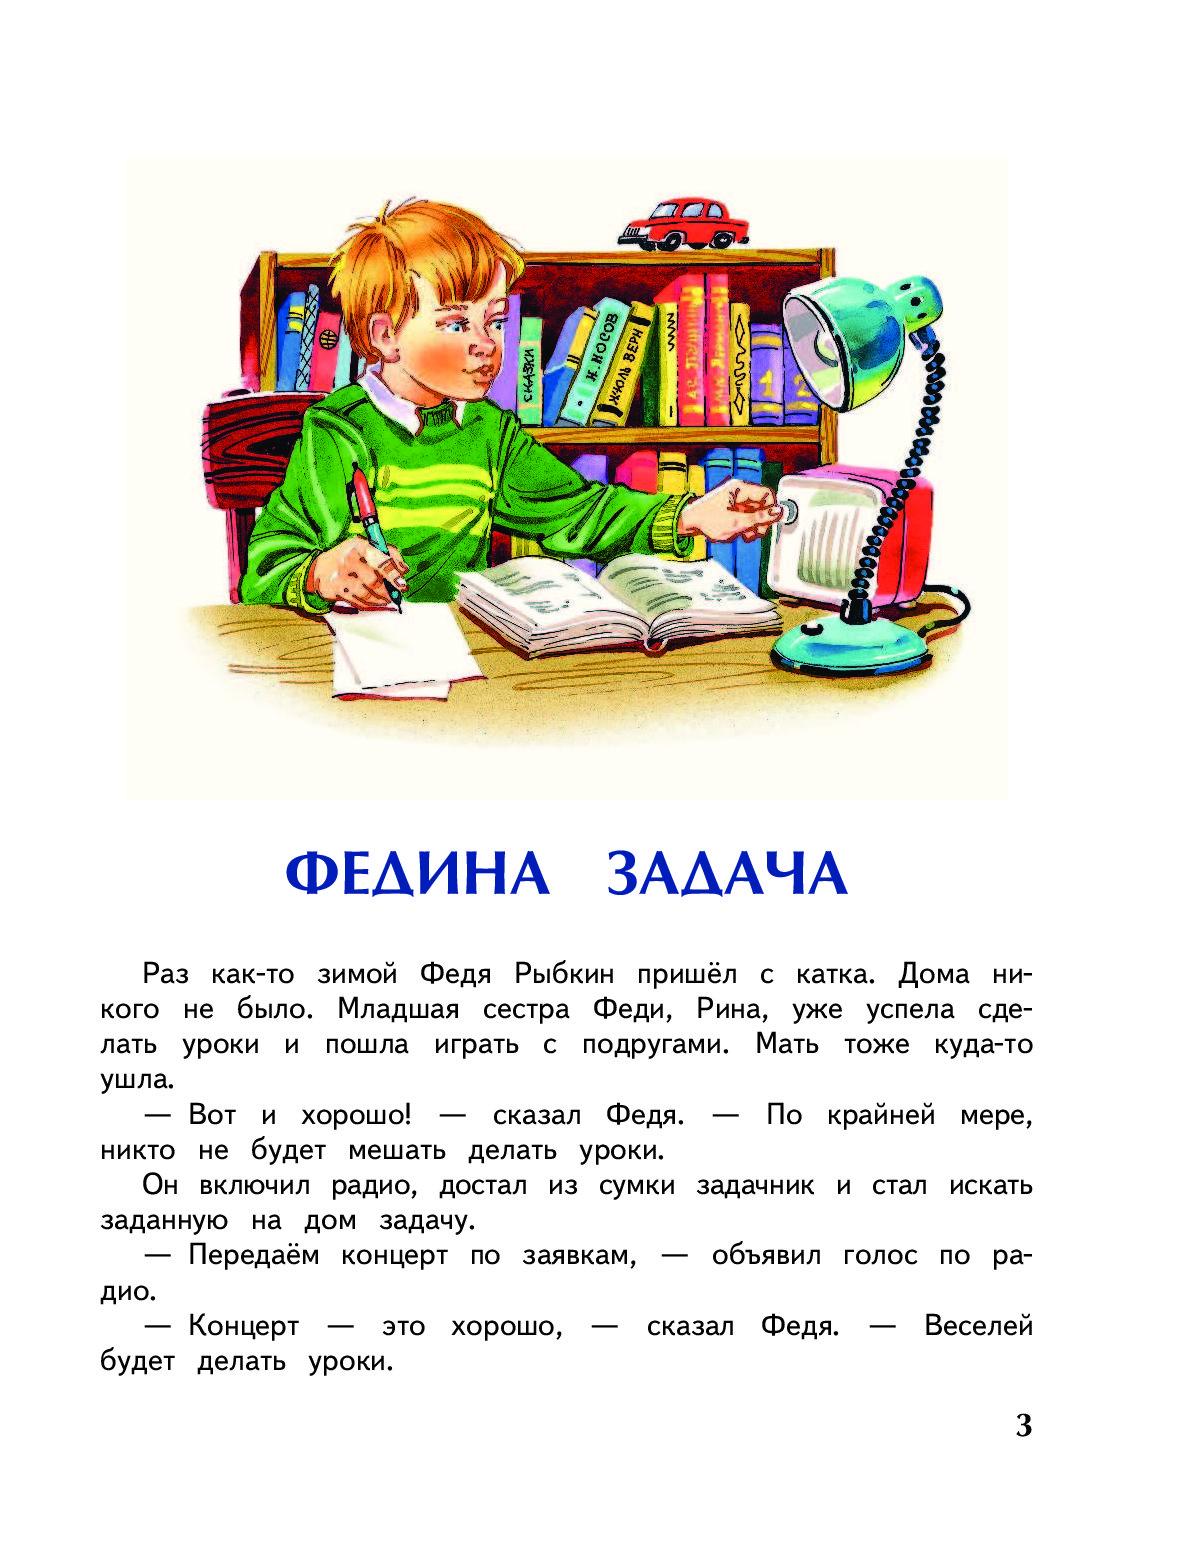 поздравления федина задача с картинками российскому